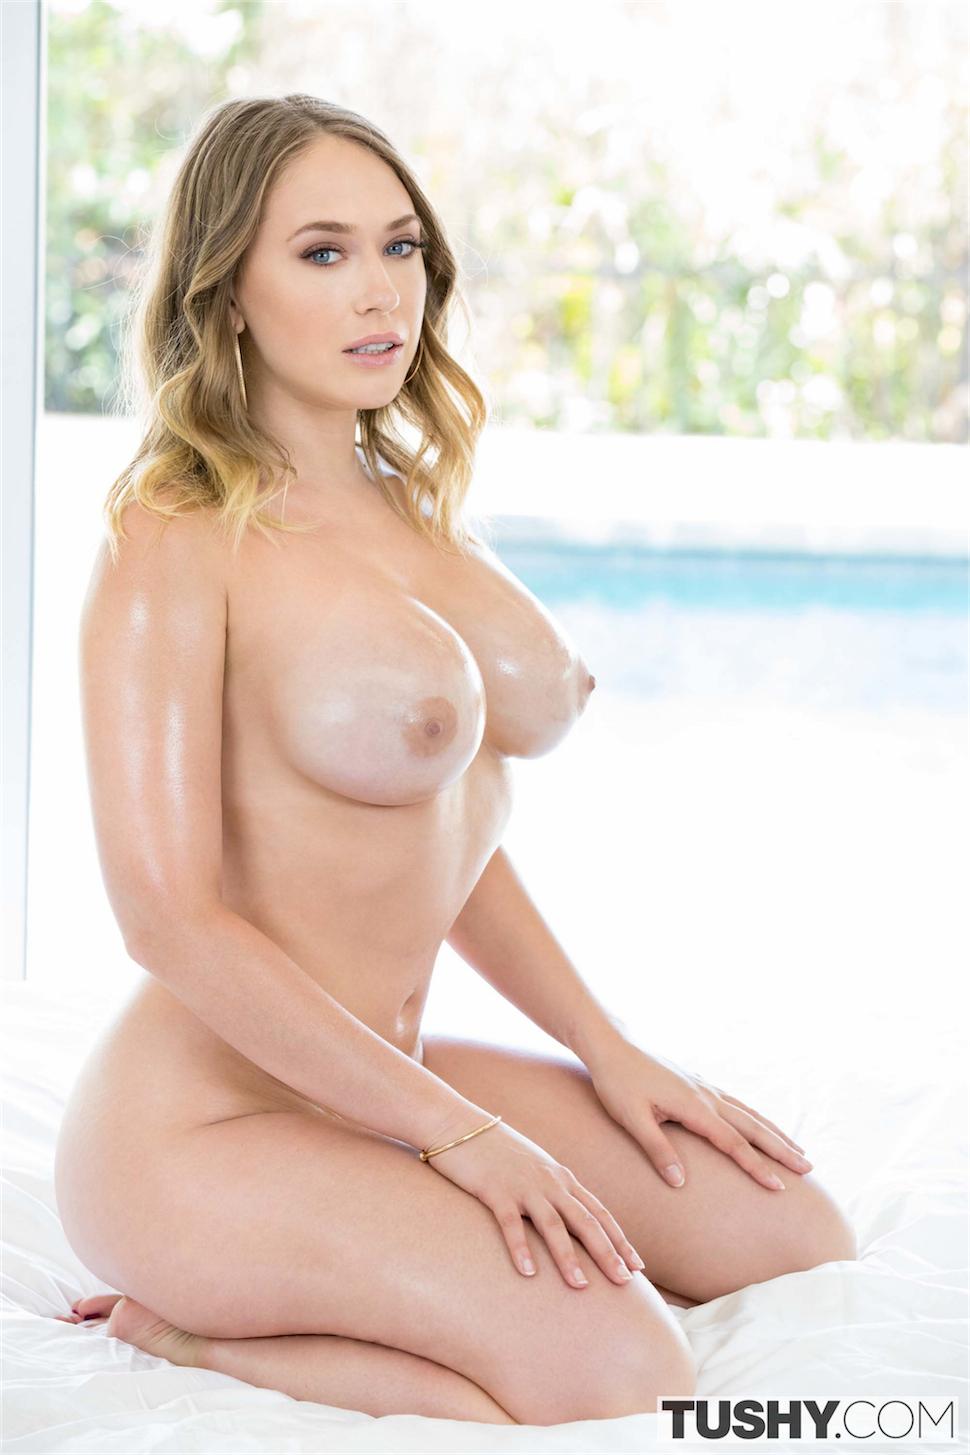 Kagney Linn Karter Debuta En Tushy  Orgasmatrix-5734